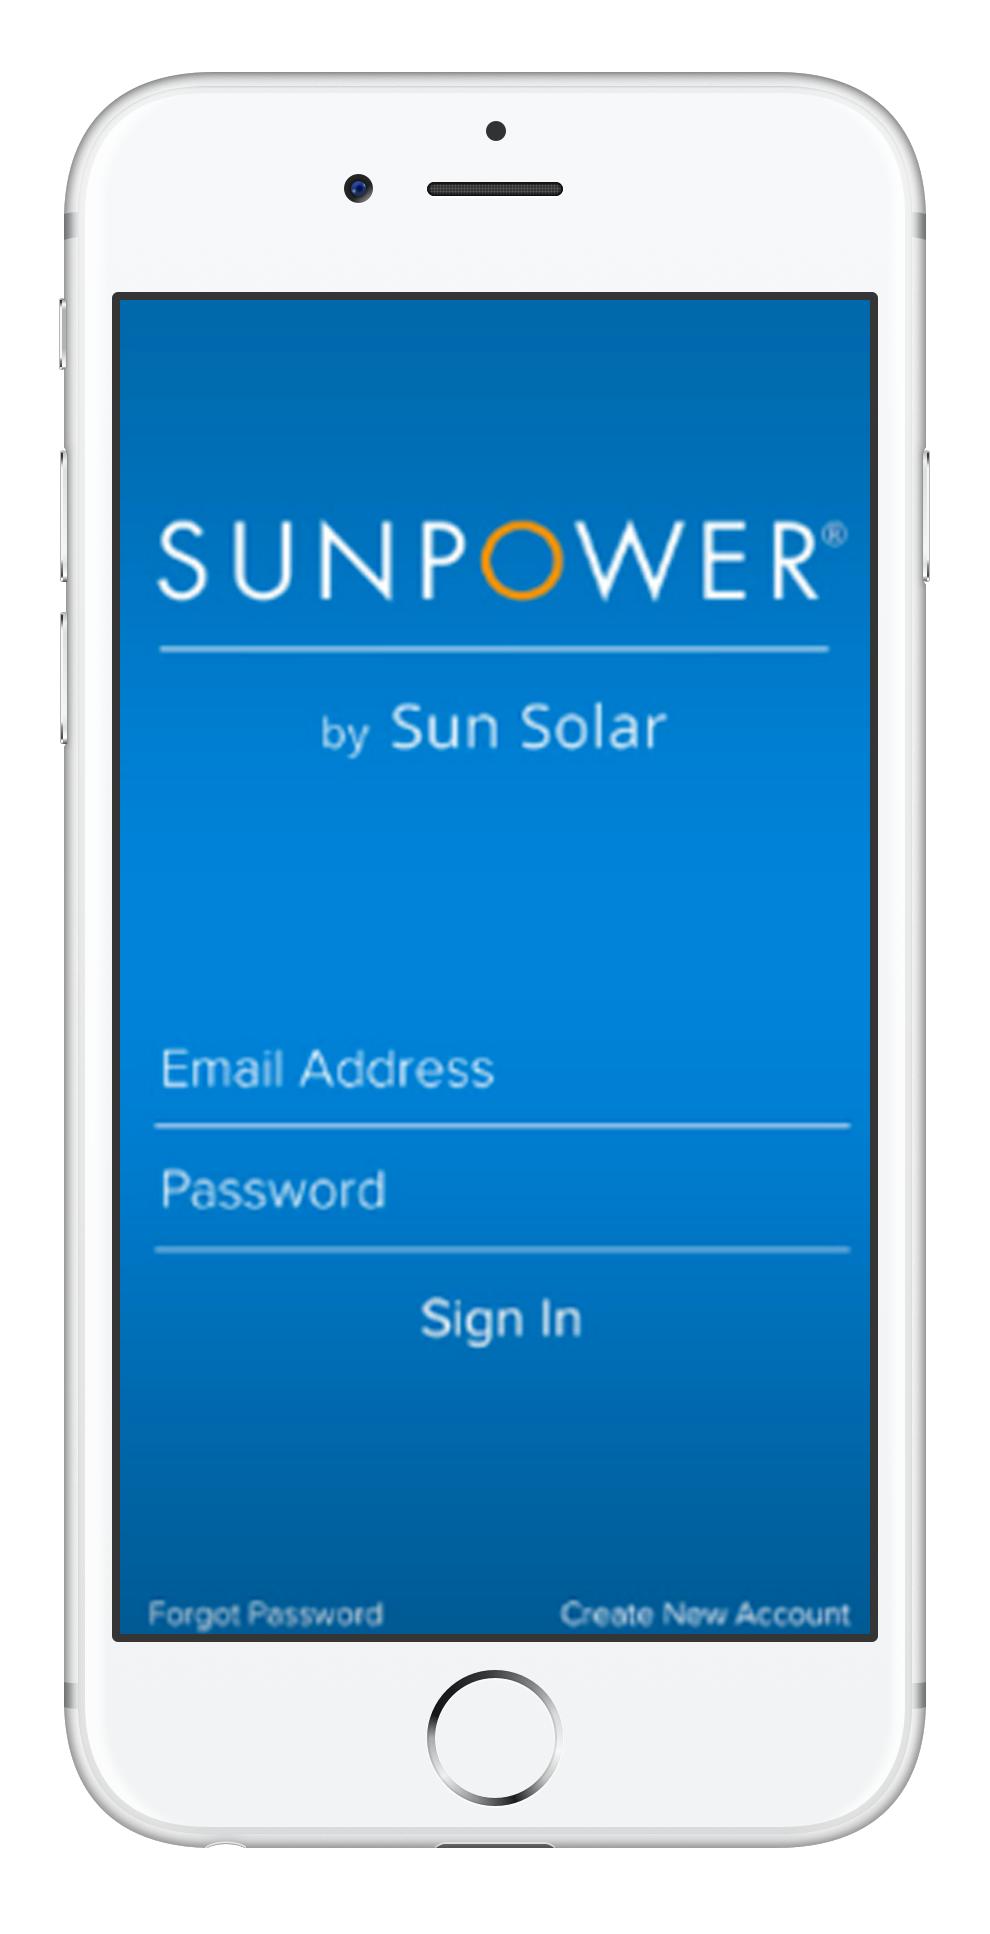 sunpower.png